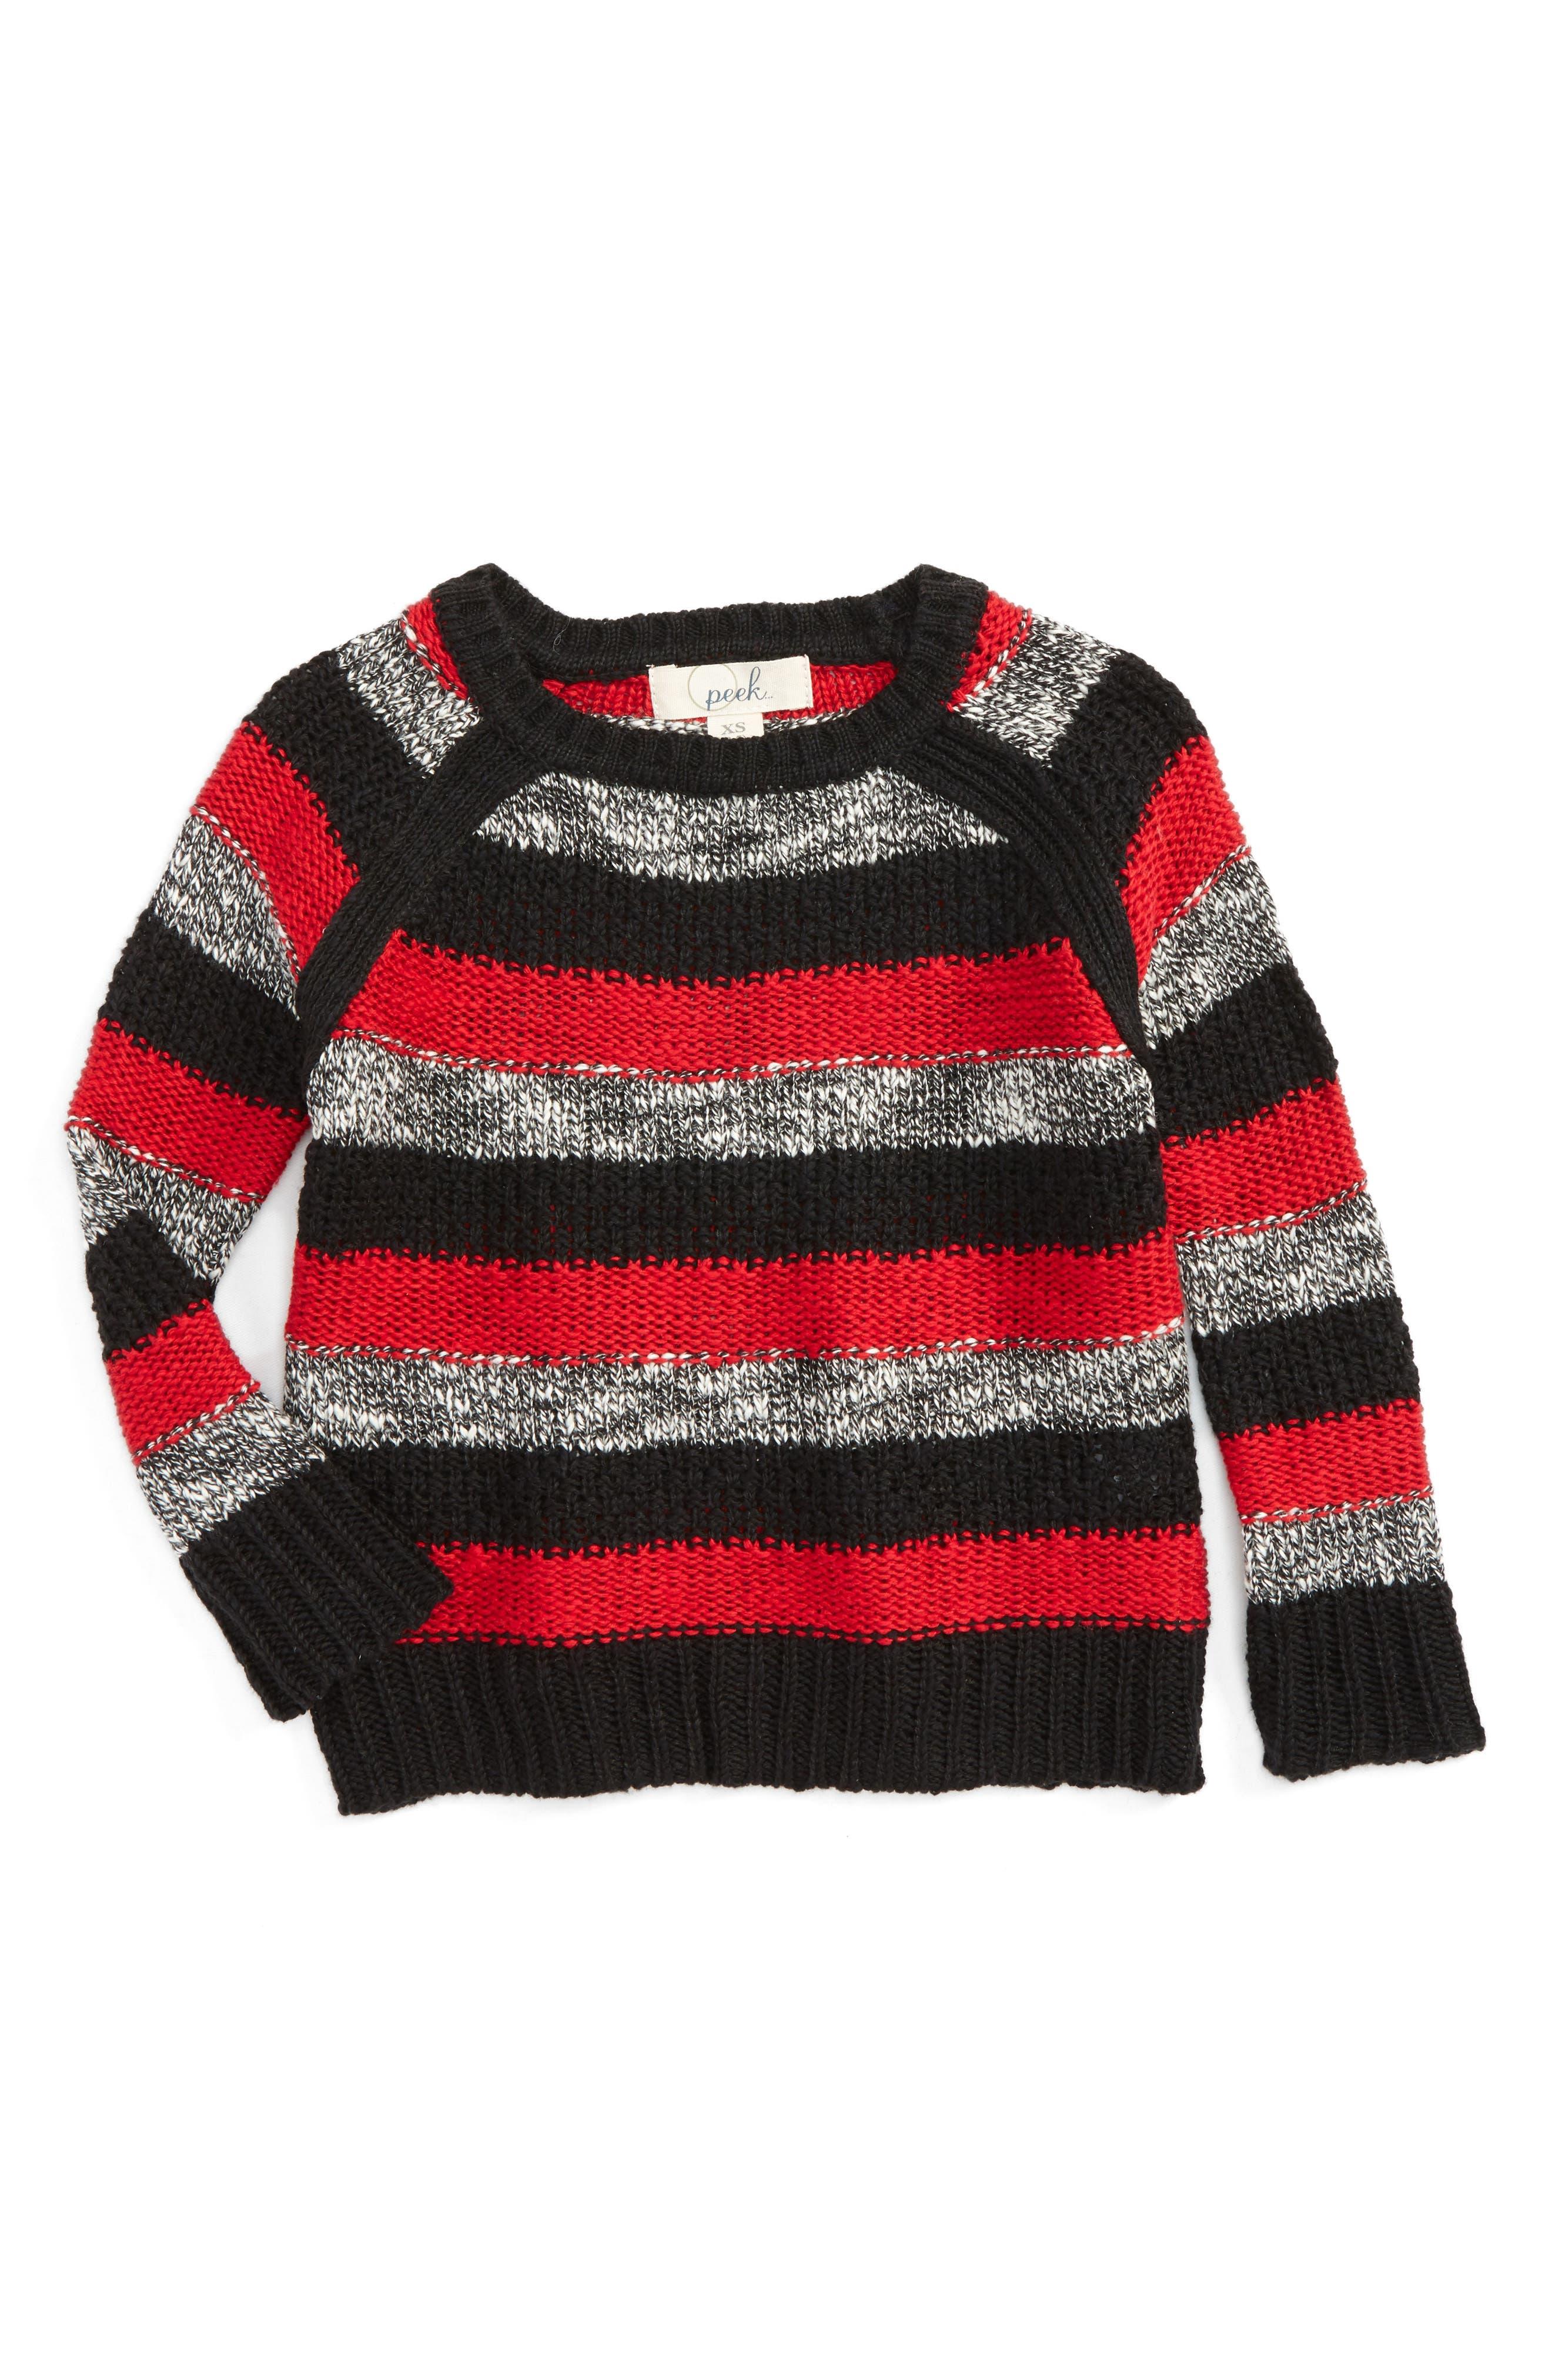 Peek Roman Stripe Crewneck Sweater (Toddler Boys, Little Boys & Big Boys)